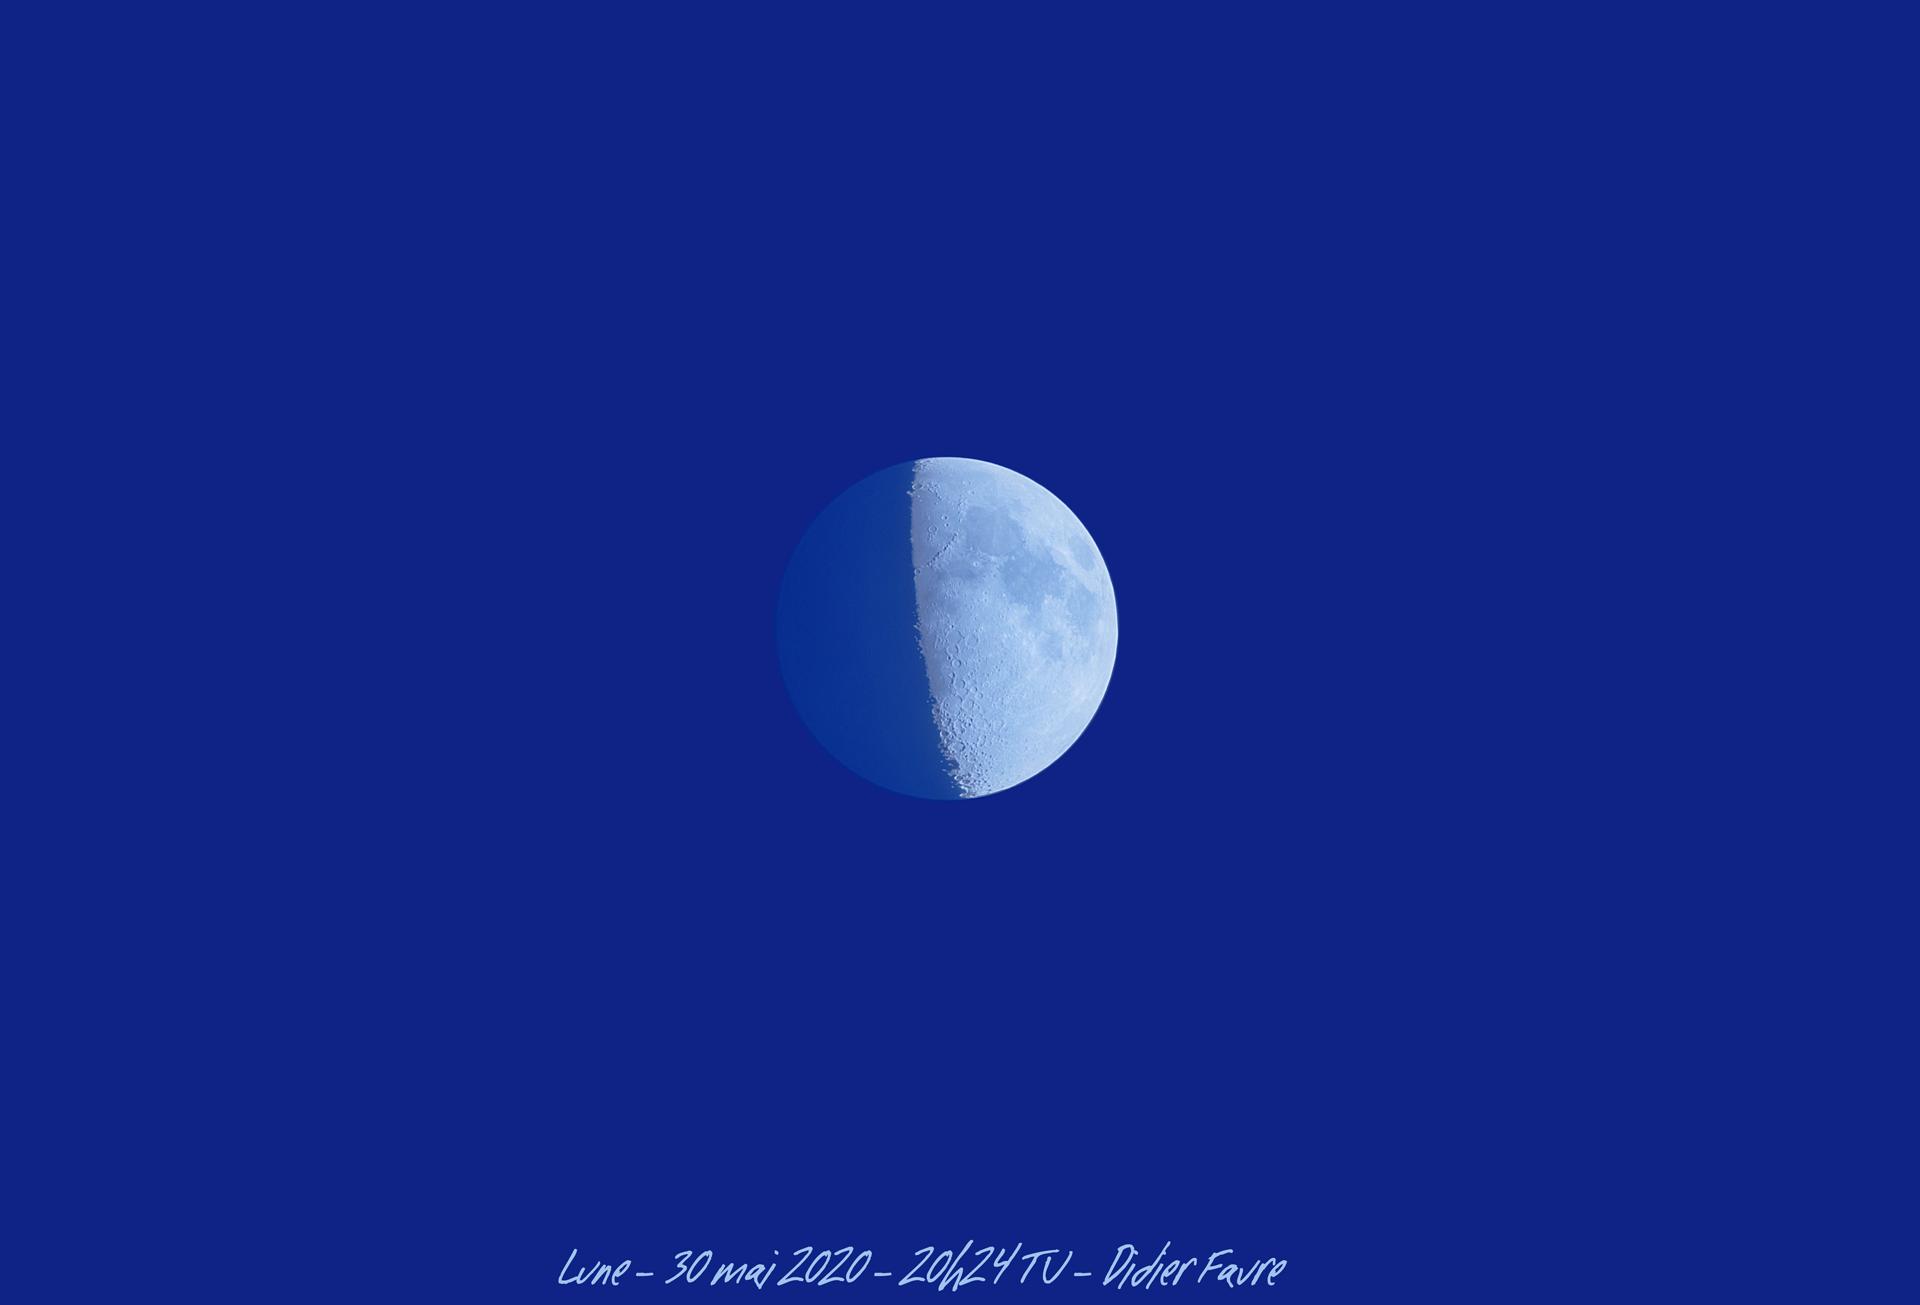 30 mai 2020 - 20h24 - Lune WEB